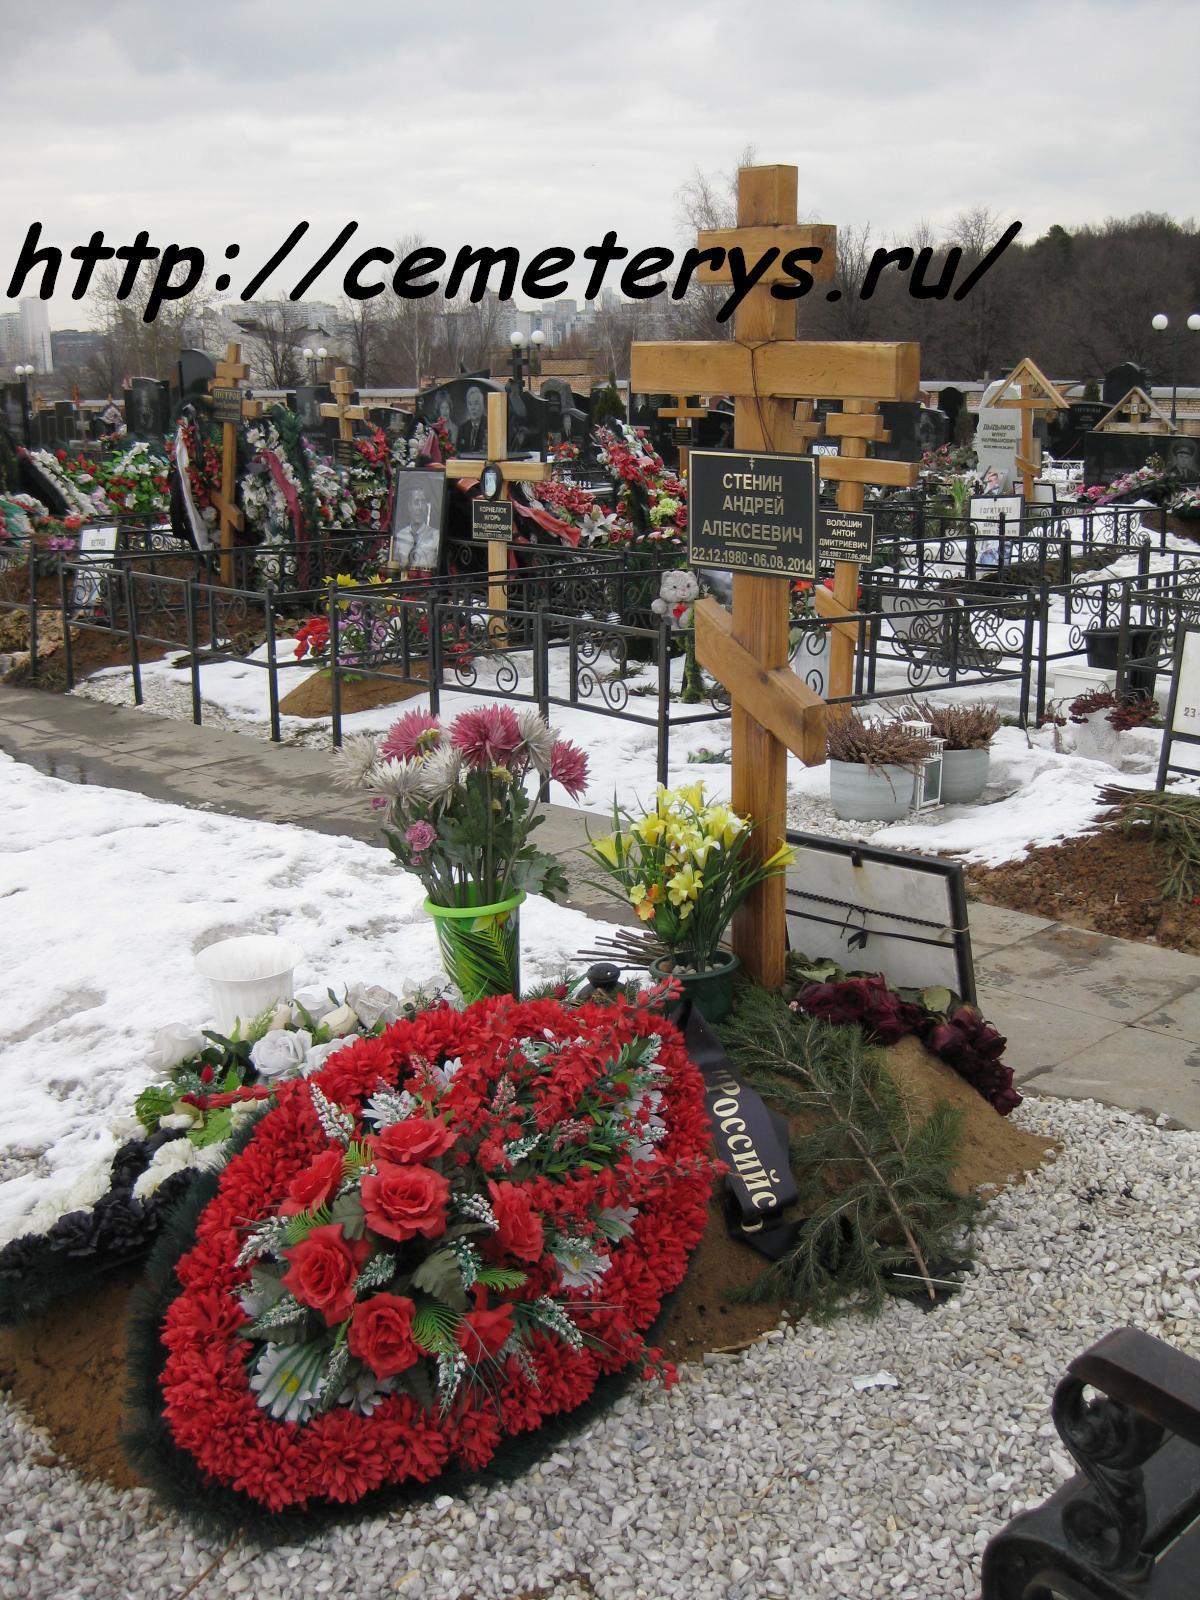 могила журналиста Андрея Стенина на Троекуровском кладбище в Москве ( фото Дмитрия Кондратьева)